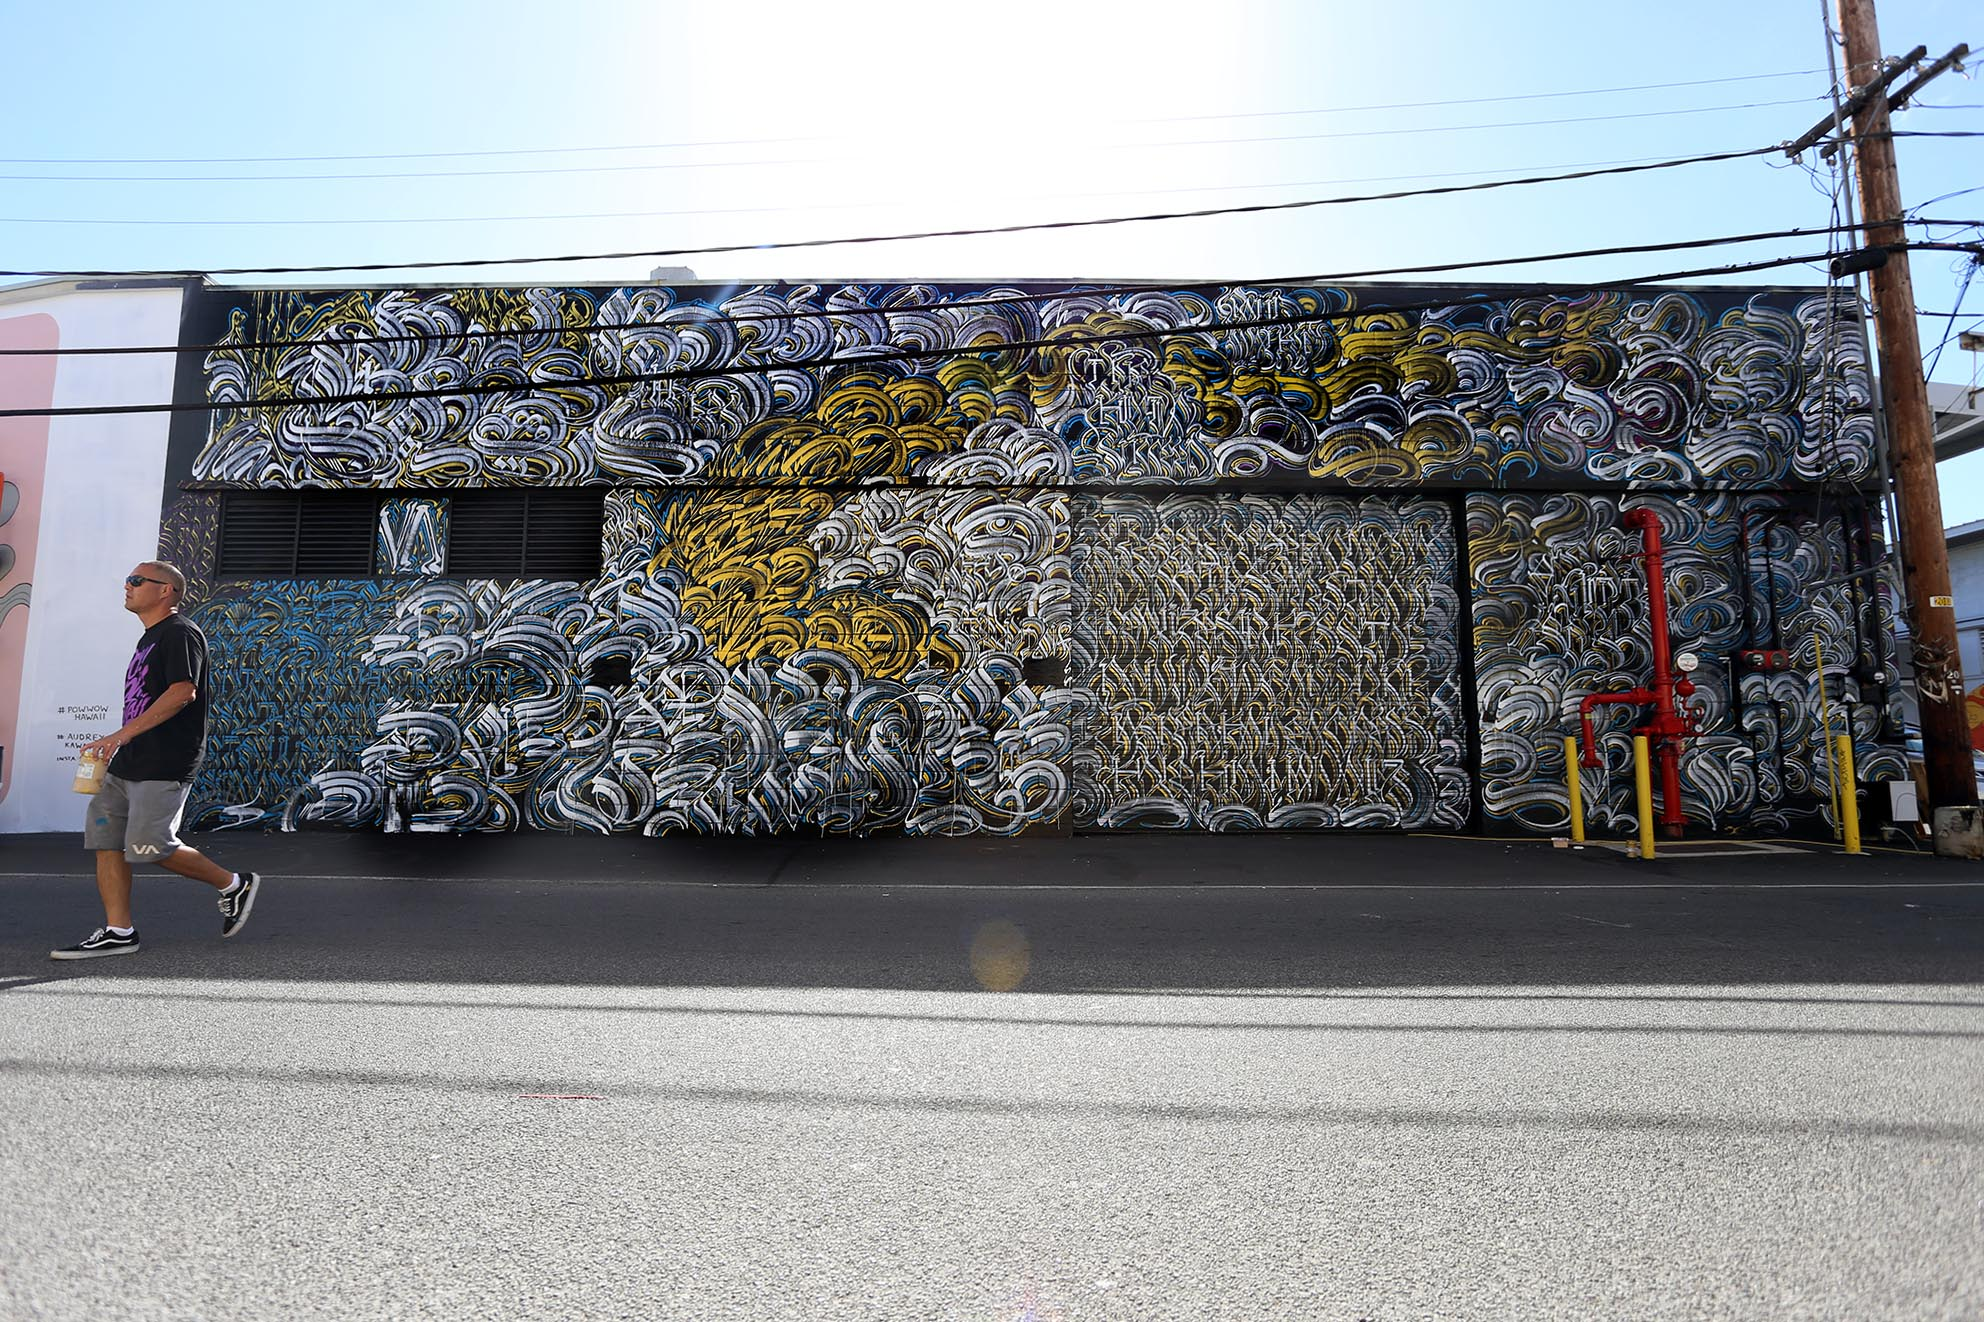 alex-defer-kizu-mural-pow-wow-festival-grafite-dionisio-arte (4)